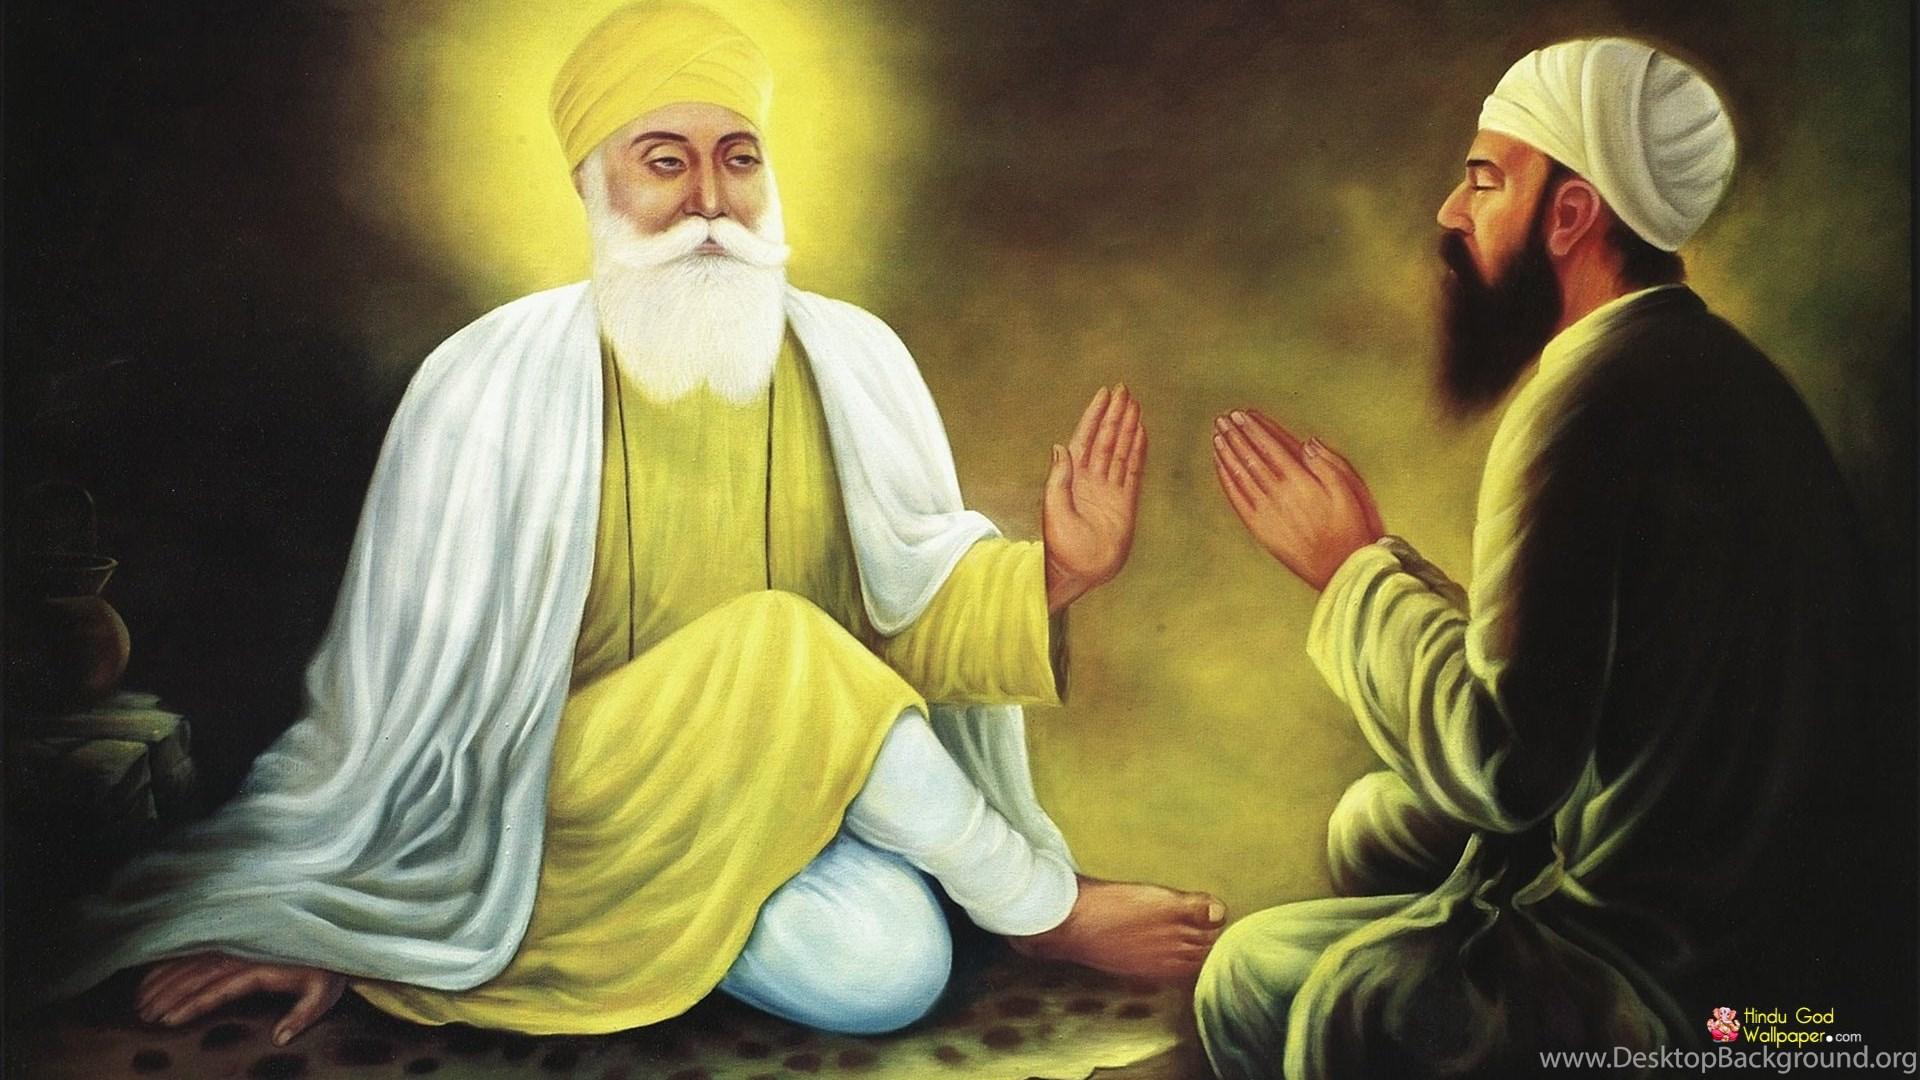 guru nanak dev ji hd wallpapers desktop background